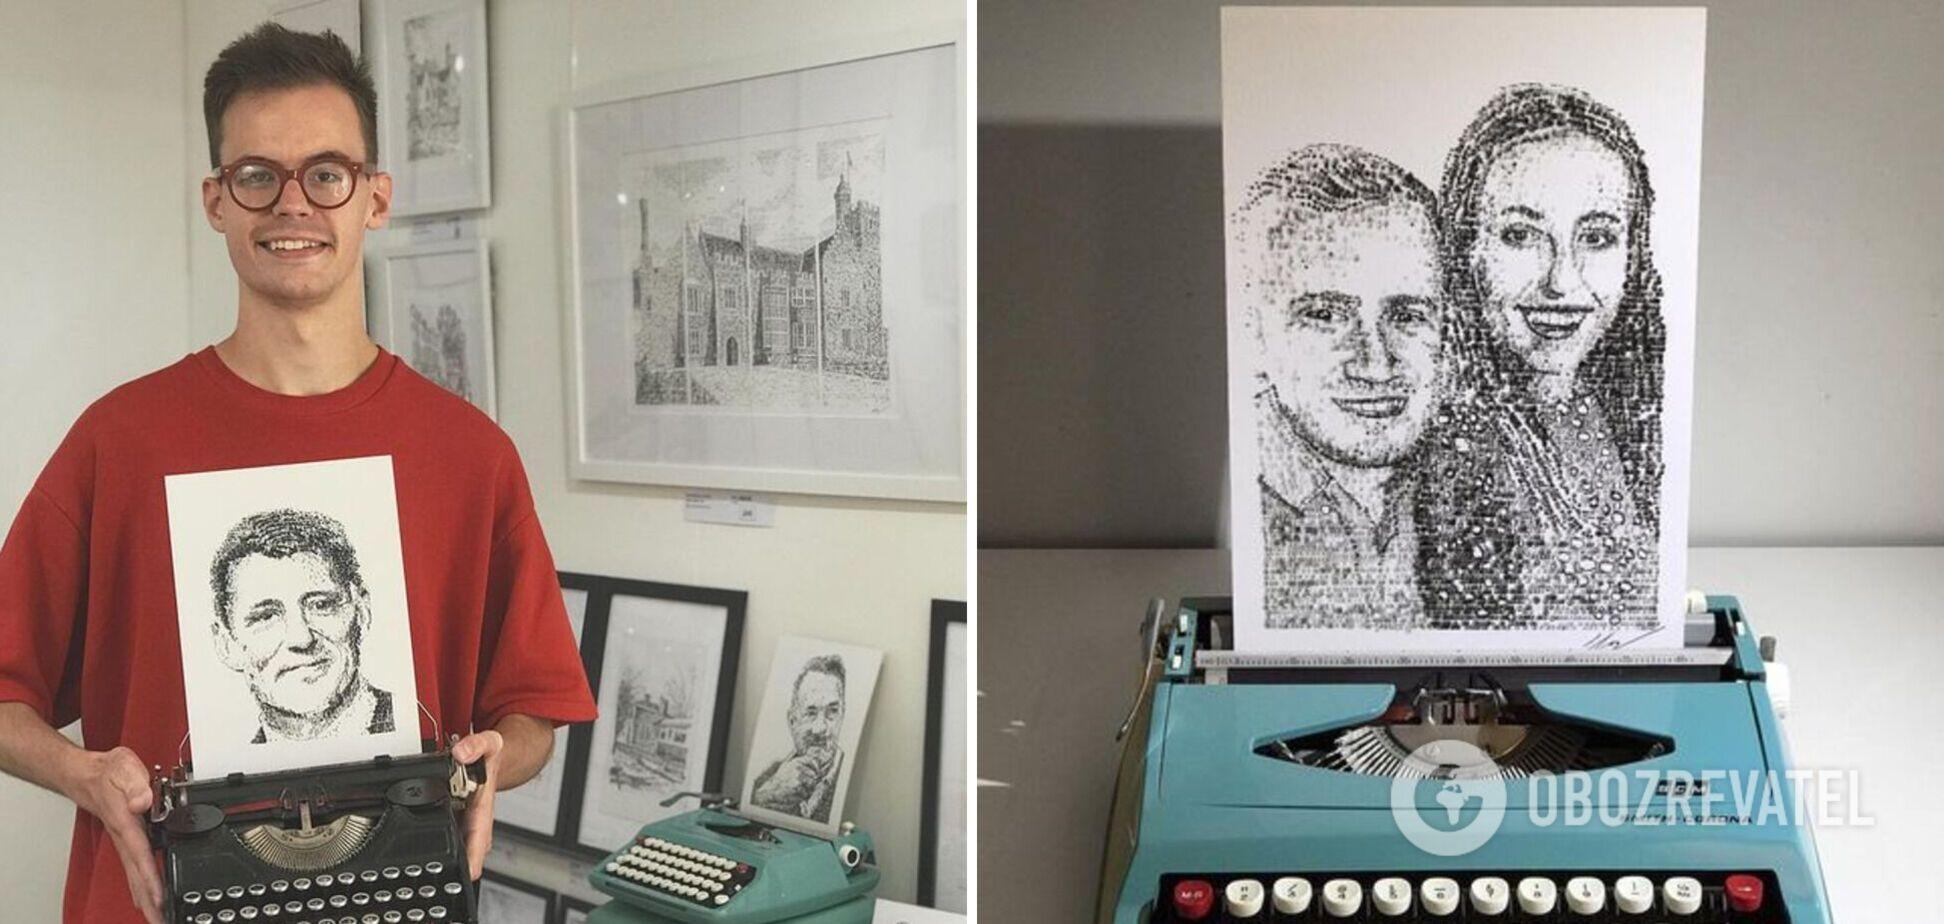 Джеймс Кук рисует архитектуру, натюрморты, пейзажи и портреты